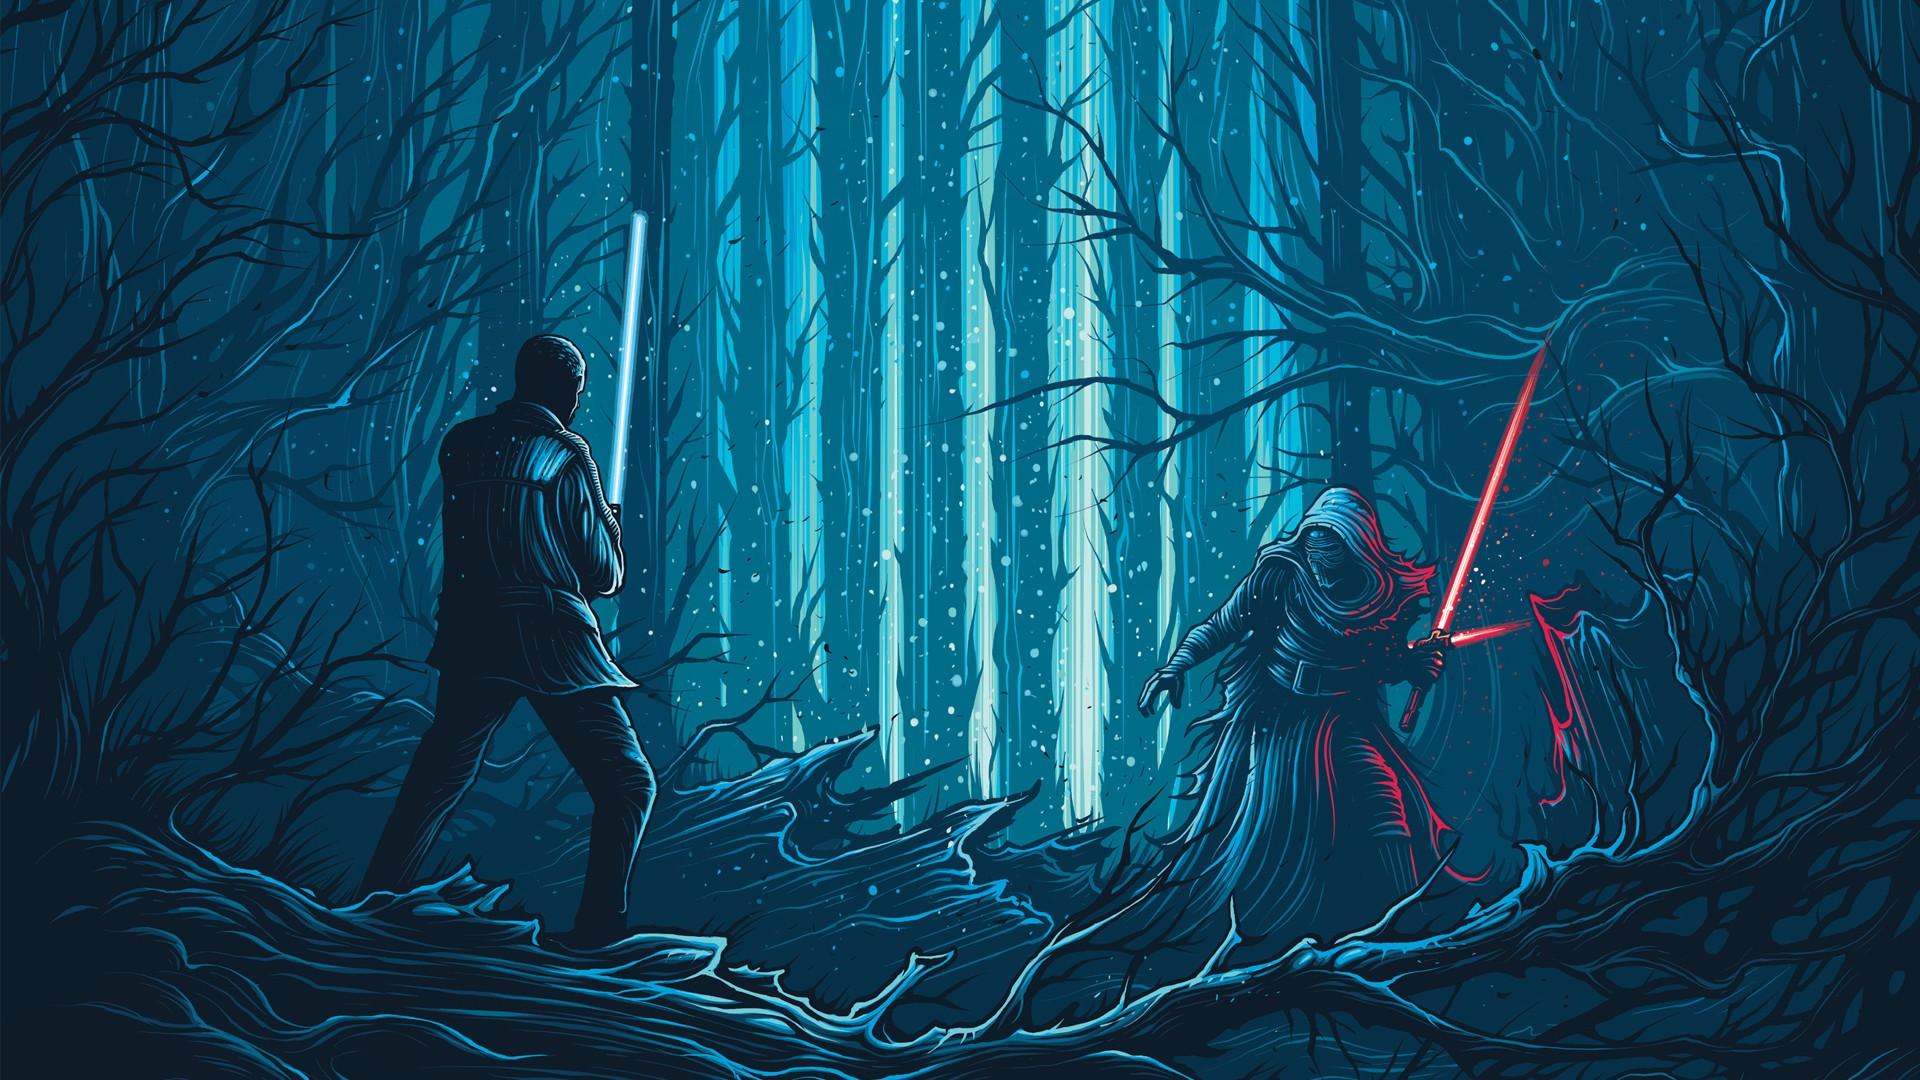 Wallpaper 1920x1080 Px Dan Mumford Star Wars Star Wars The Force Awakens 1920x1080 Wallbase 1440131 Hd Wallpapers Wallhere